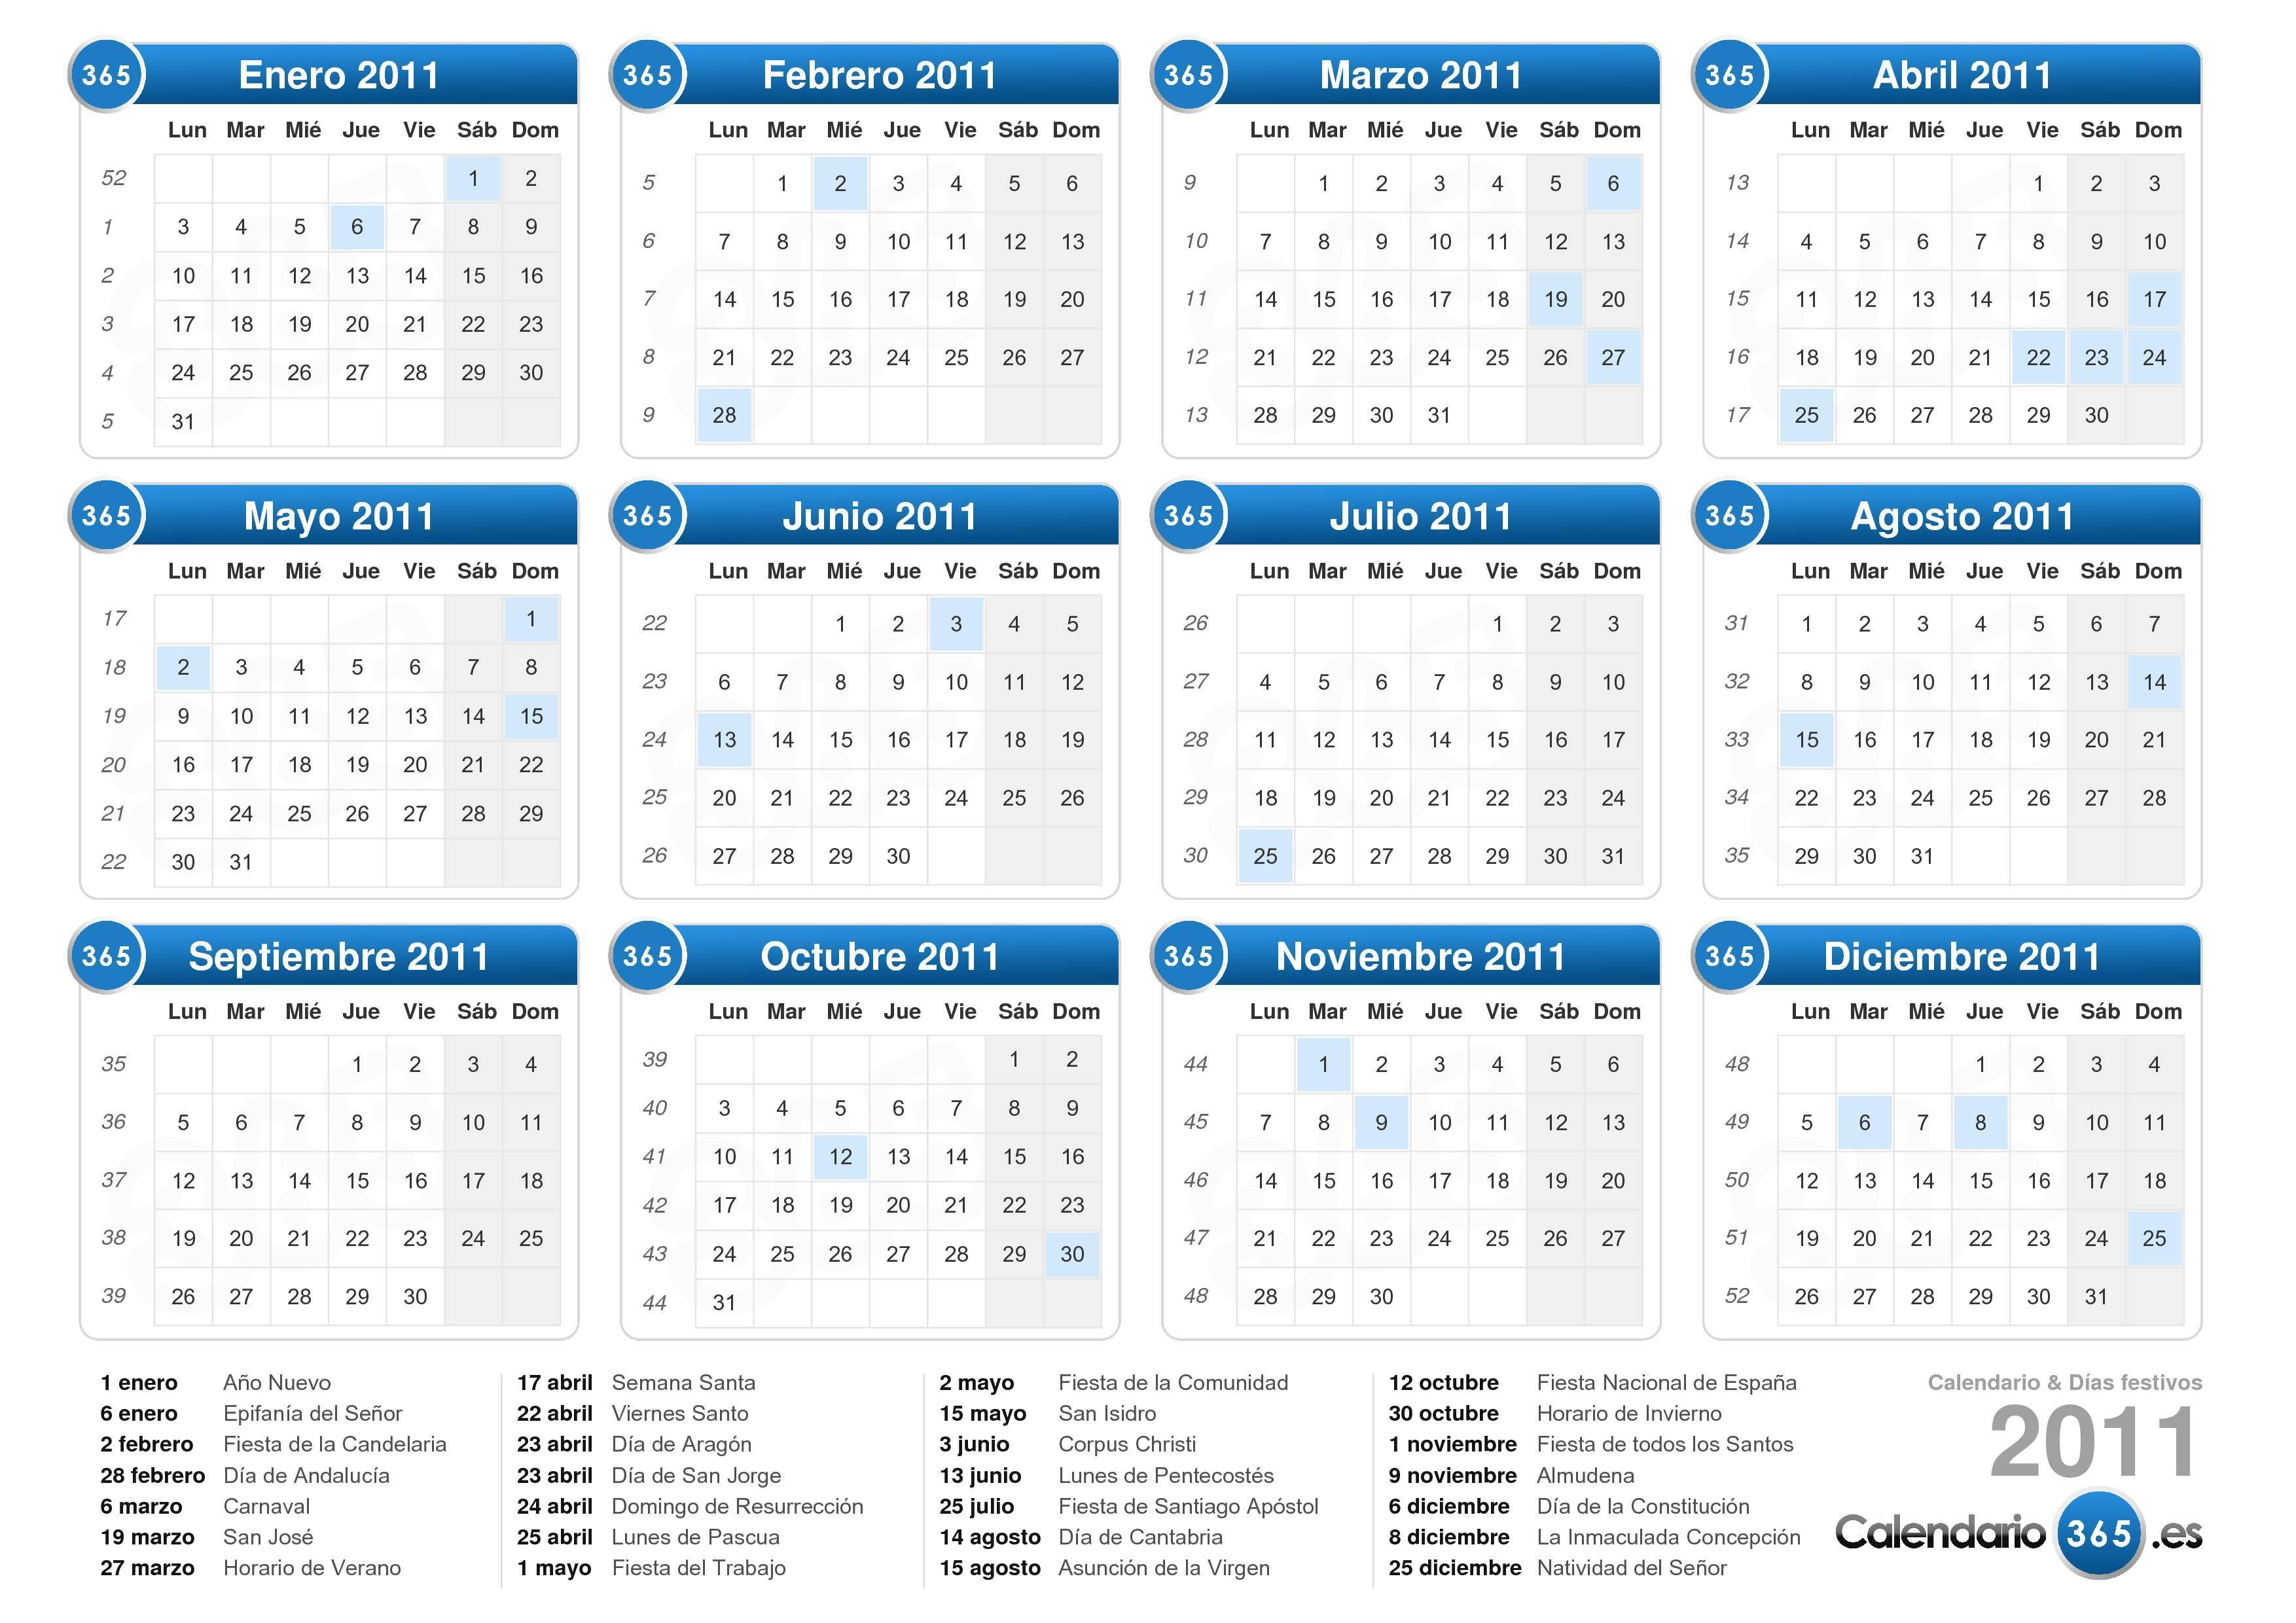 Calendario 2011 Espana.Calendario 2011